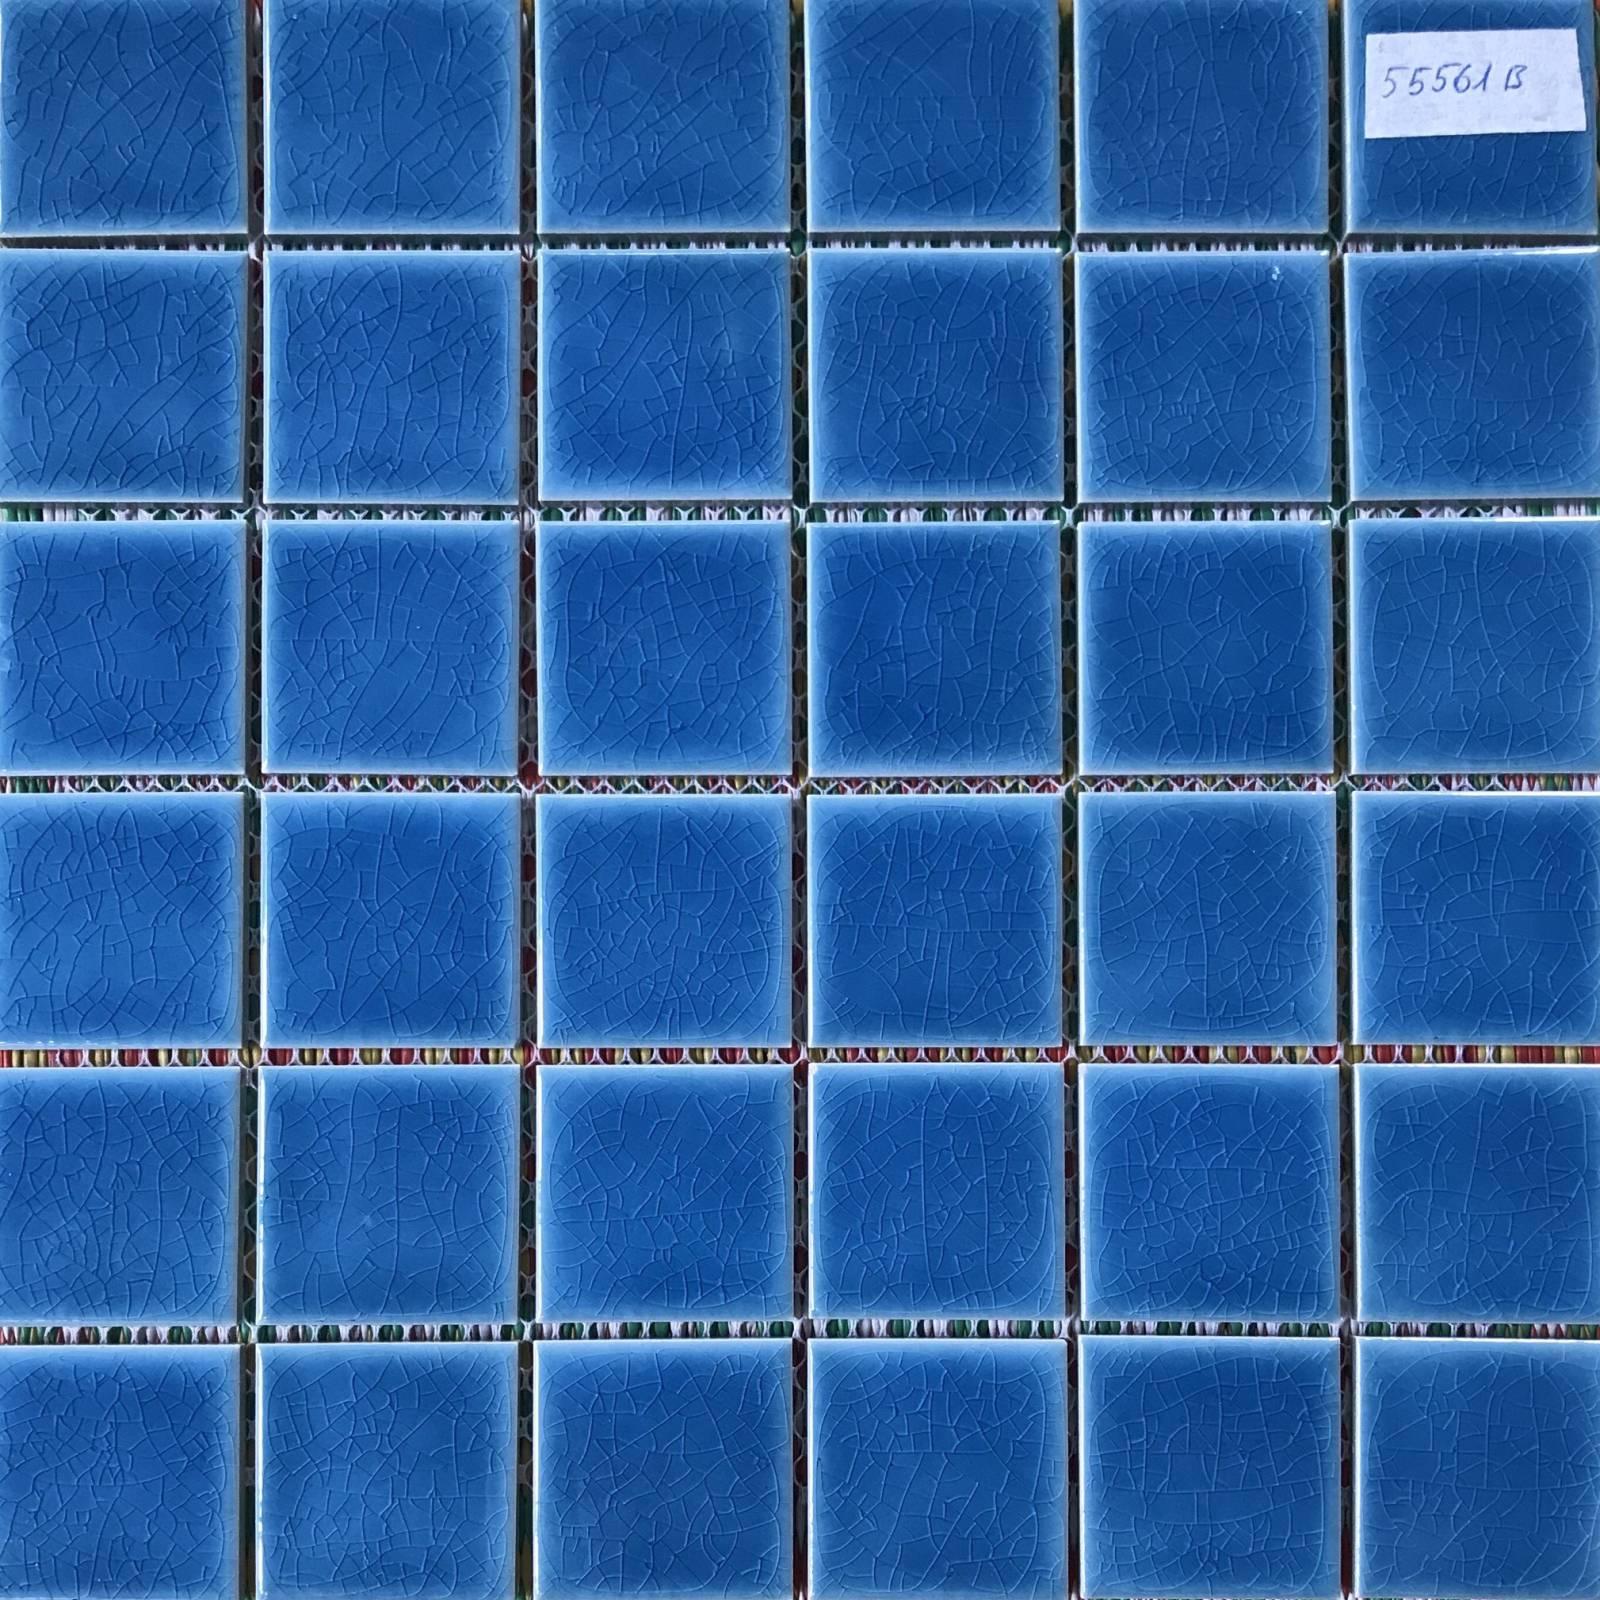 Gạch Mosaic RYG55561B